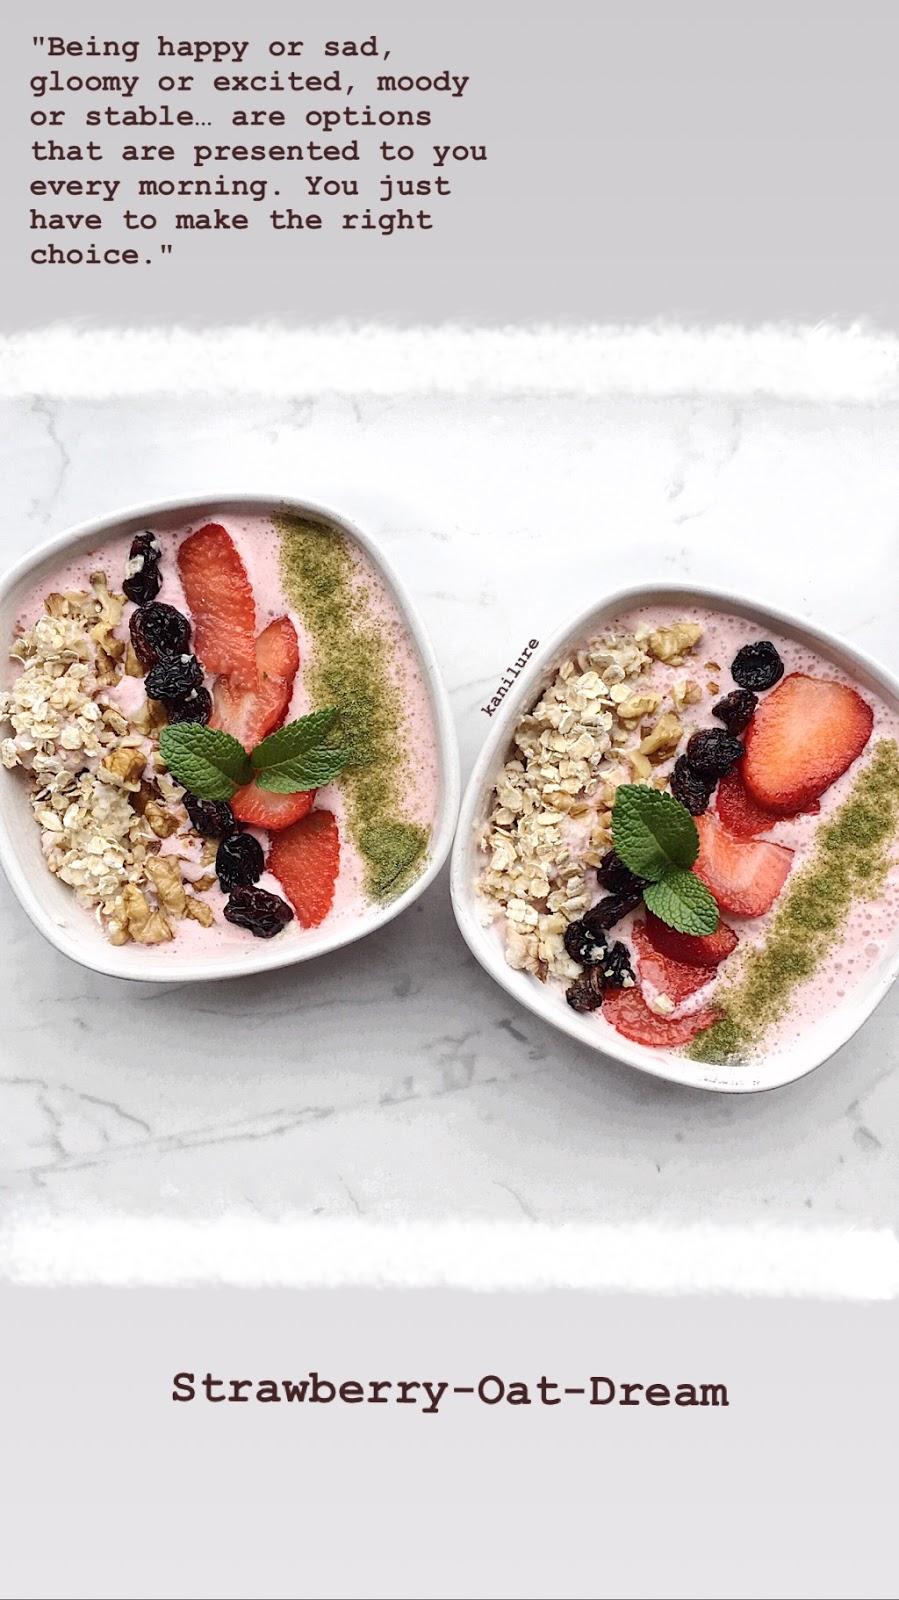 BREAKFAST RECIPE : Strawberry-Oat-Dream